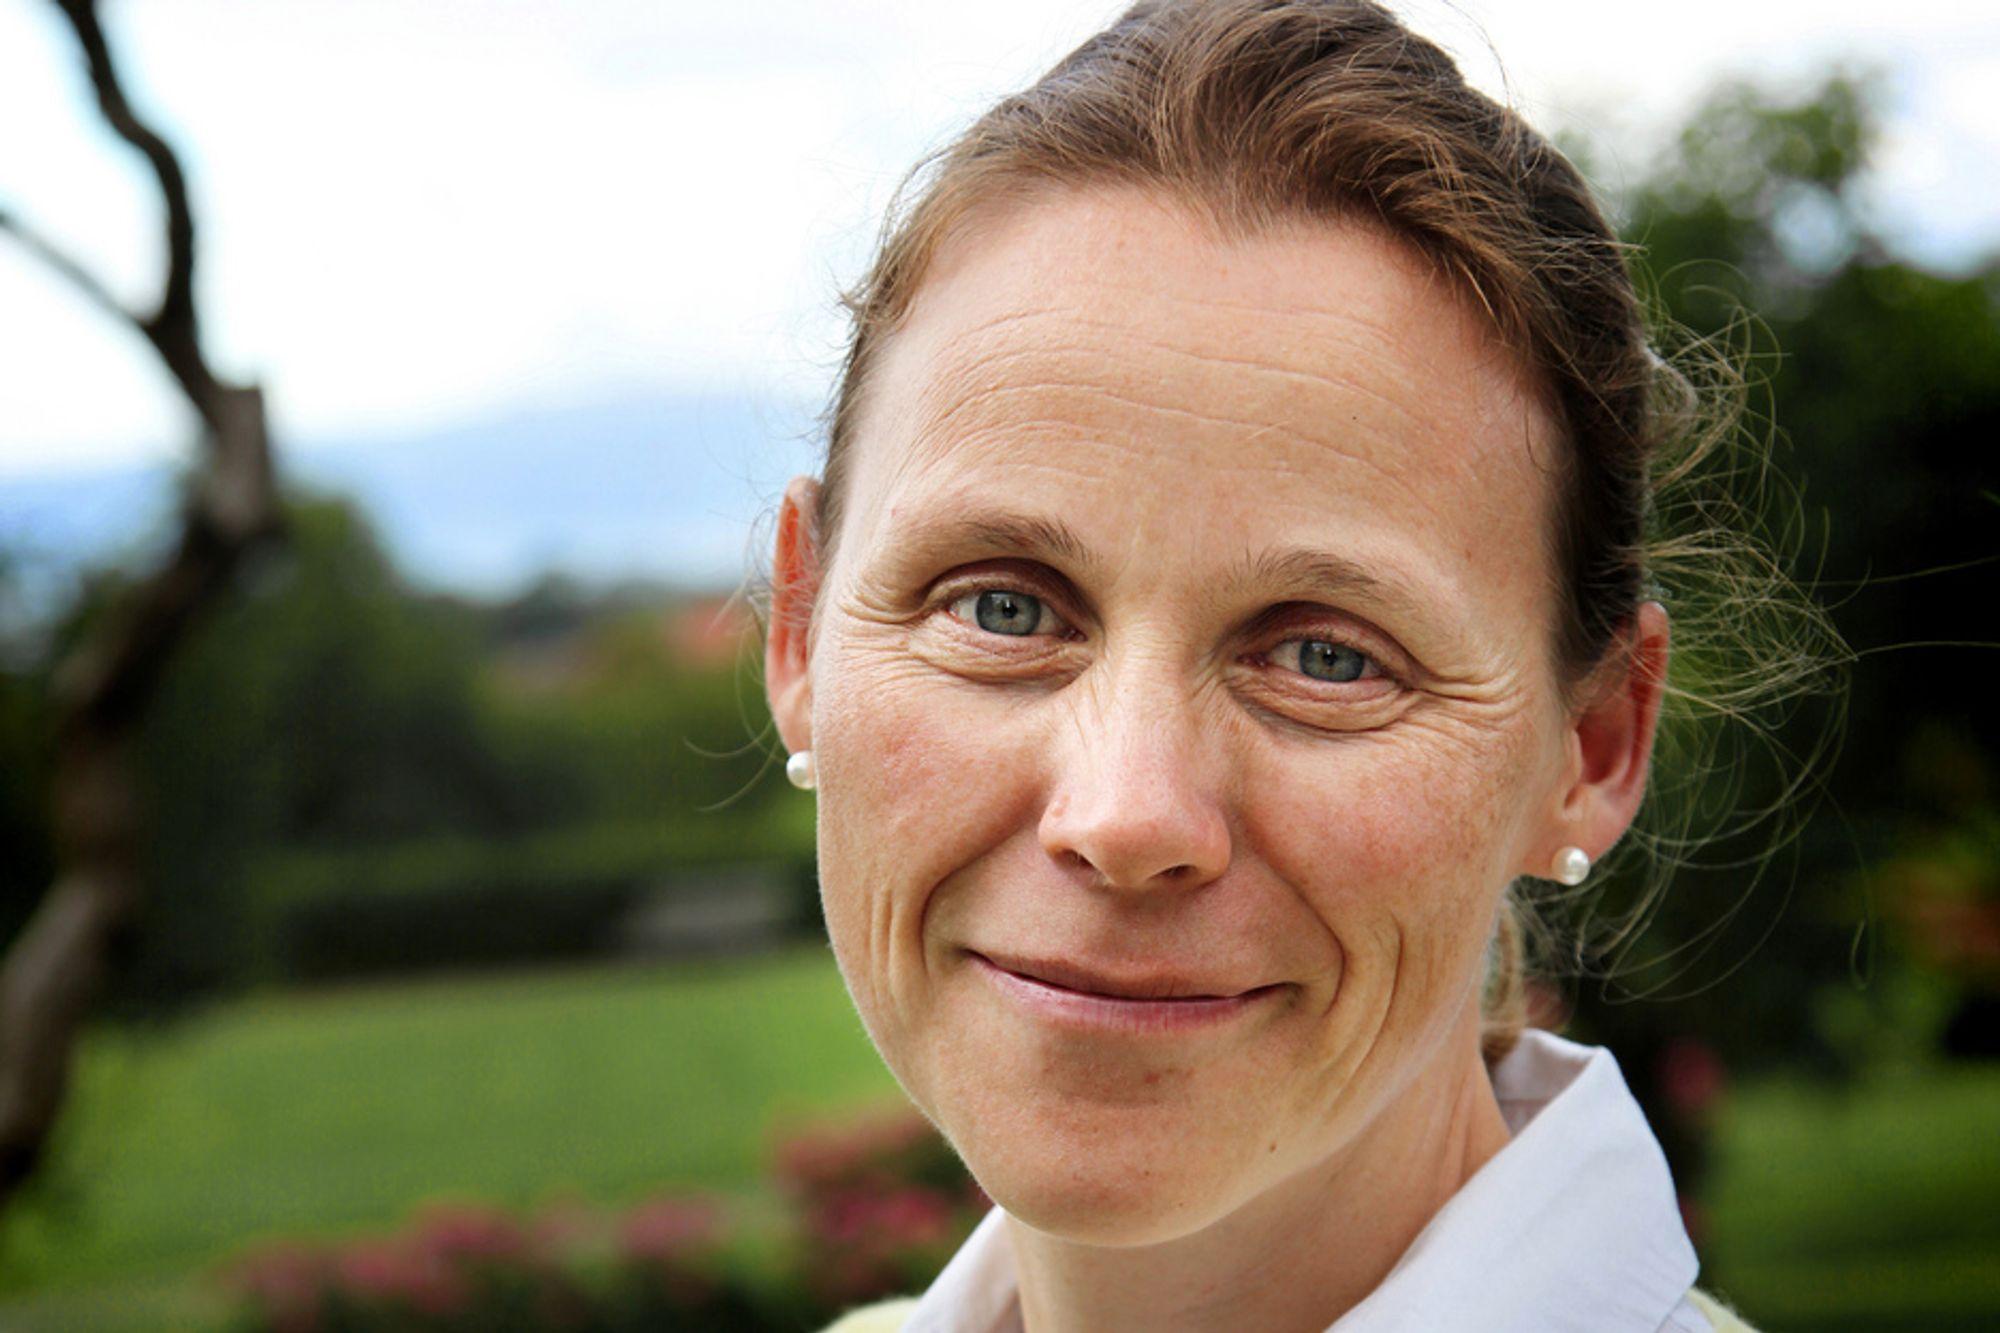 Teknas nye visepresident Lise Lyngsnes Randeberg mener Tekna har en enorm ressurs i kompetansen til medlemmene, og bør bidra med faglige argumenter i den politiske debatten.